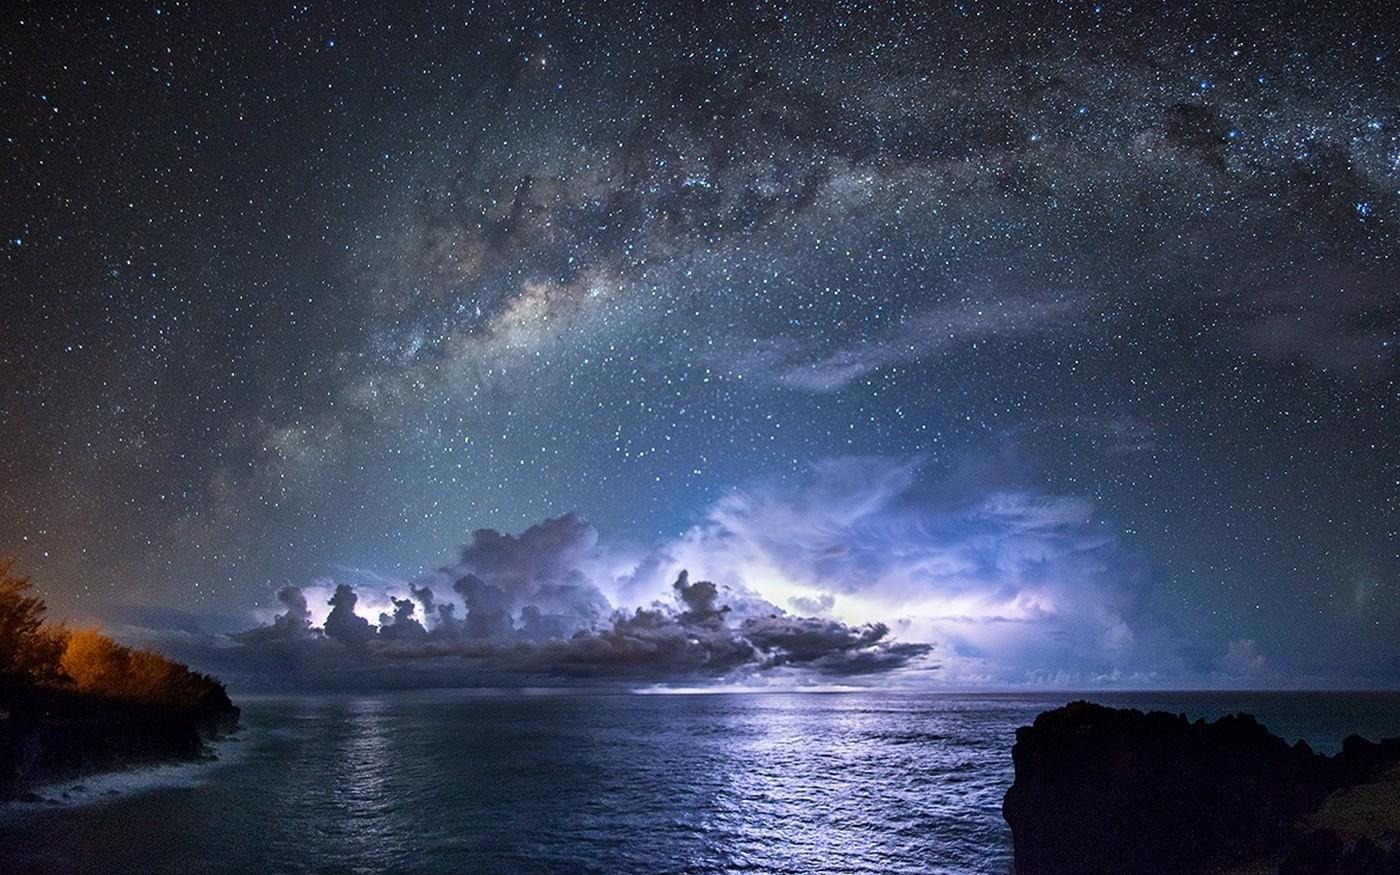 hintergrundbilder landschaft beleuchtung meer nacht galaxis natur platz. Black Bedroom Furniture Sets. Home Design Ideas